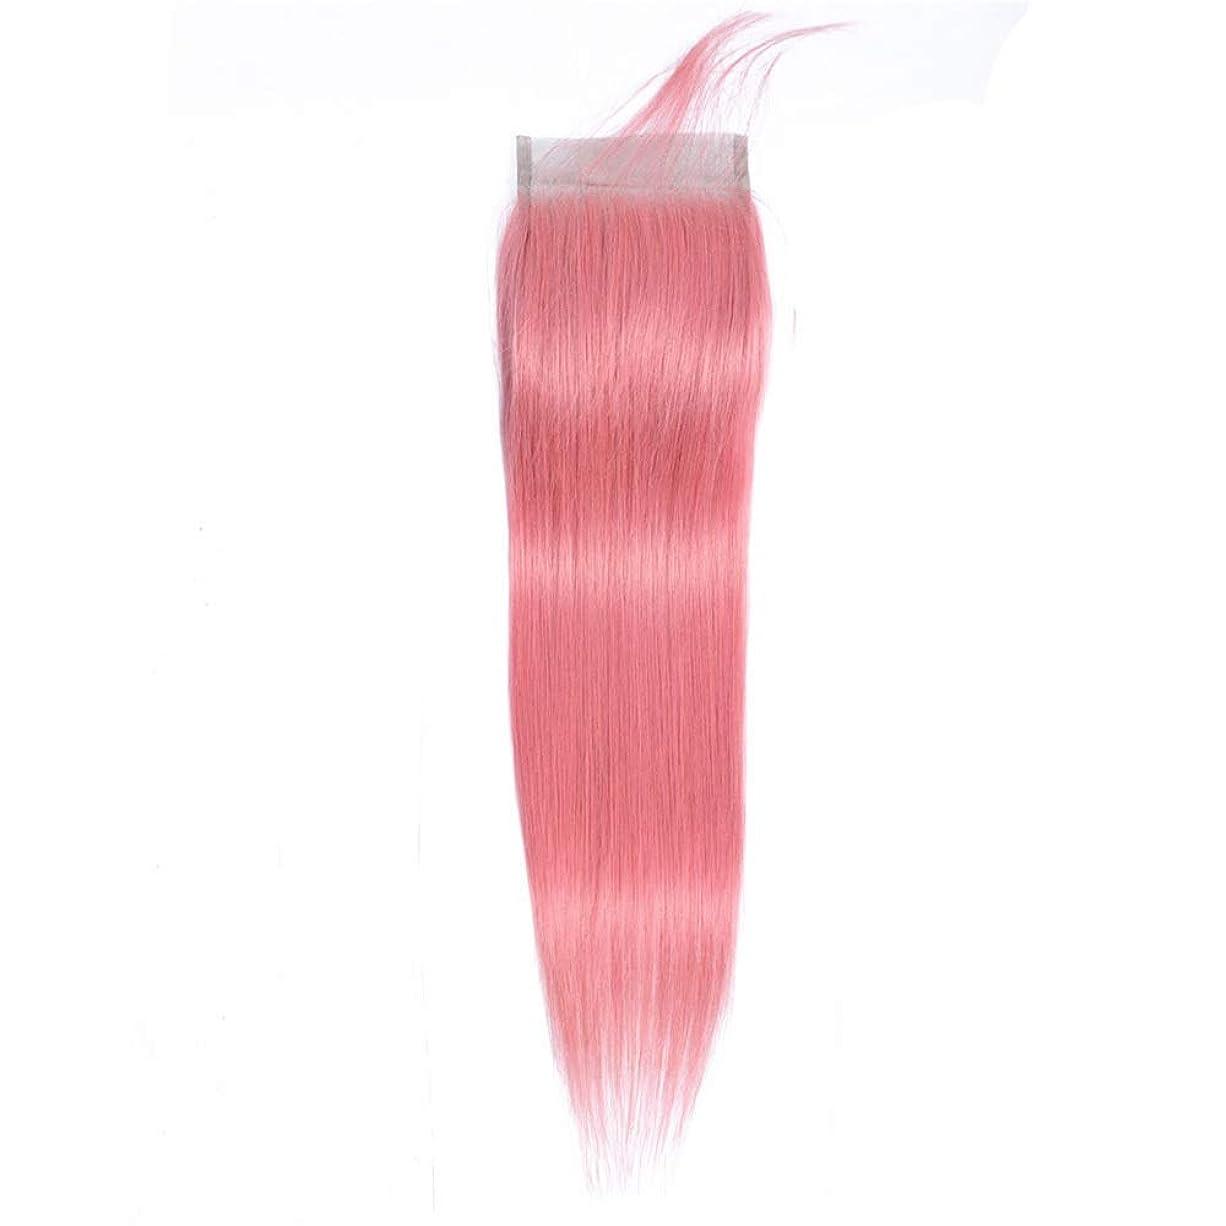 余裕があるアイスクリーム系統的かつら レースの閉鎖無料パート4 * 4レースの正面閉鎖(10インチ-16インチ)ファッションウィッグとピンクの100%人毛ブラジルストレートヘア (色 : ピンク, サイズ : 12 inch)